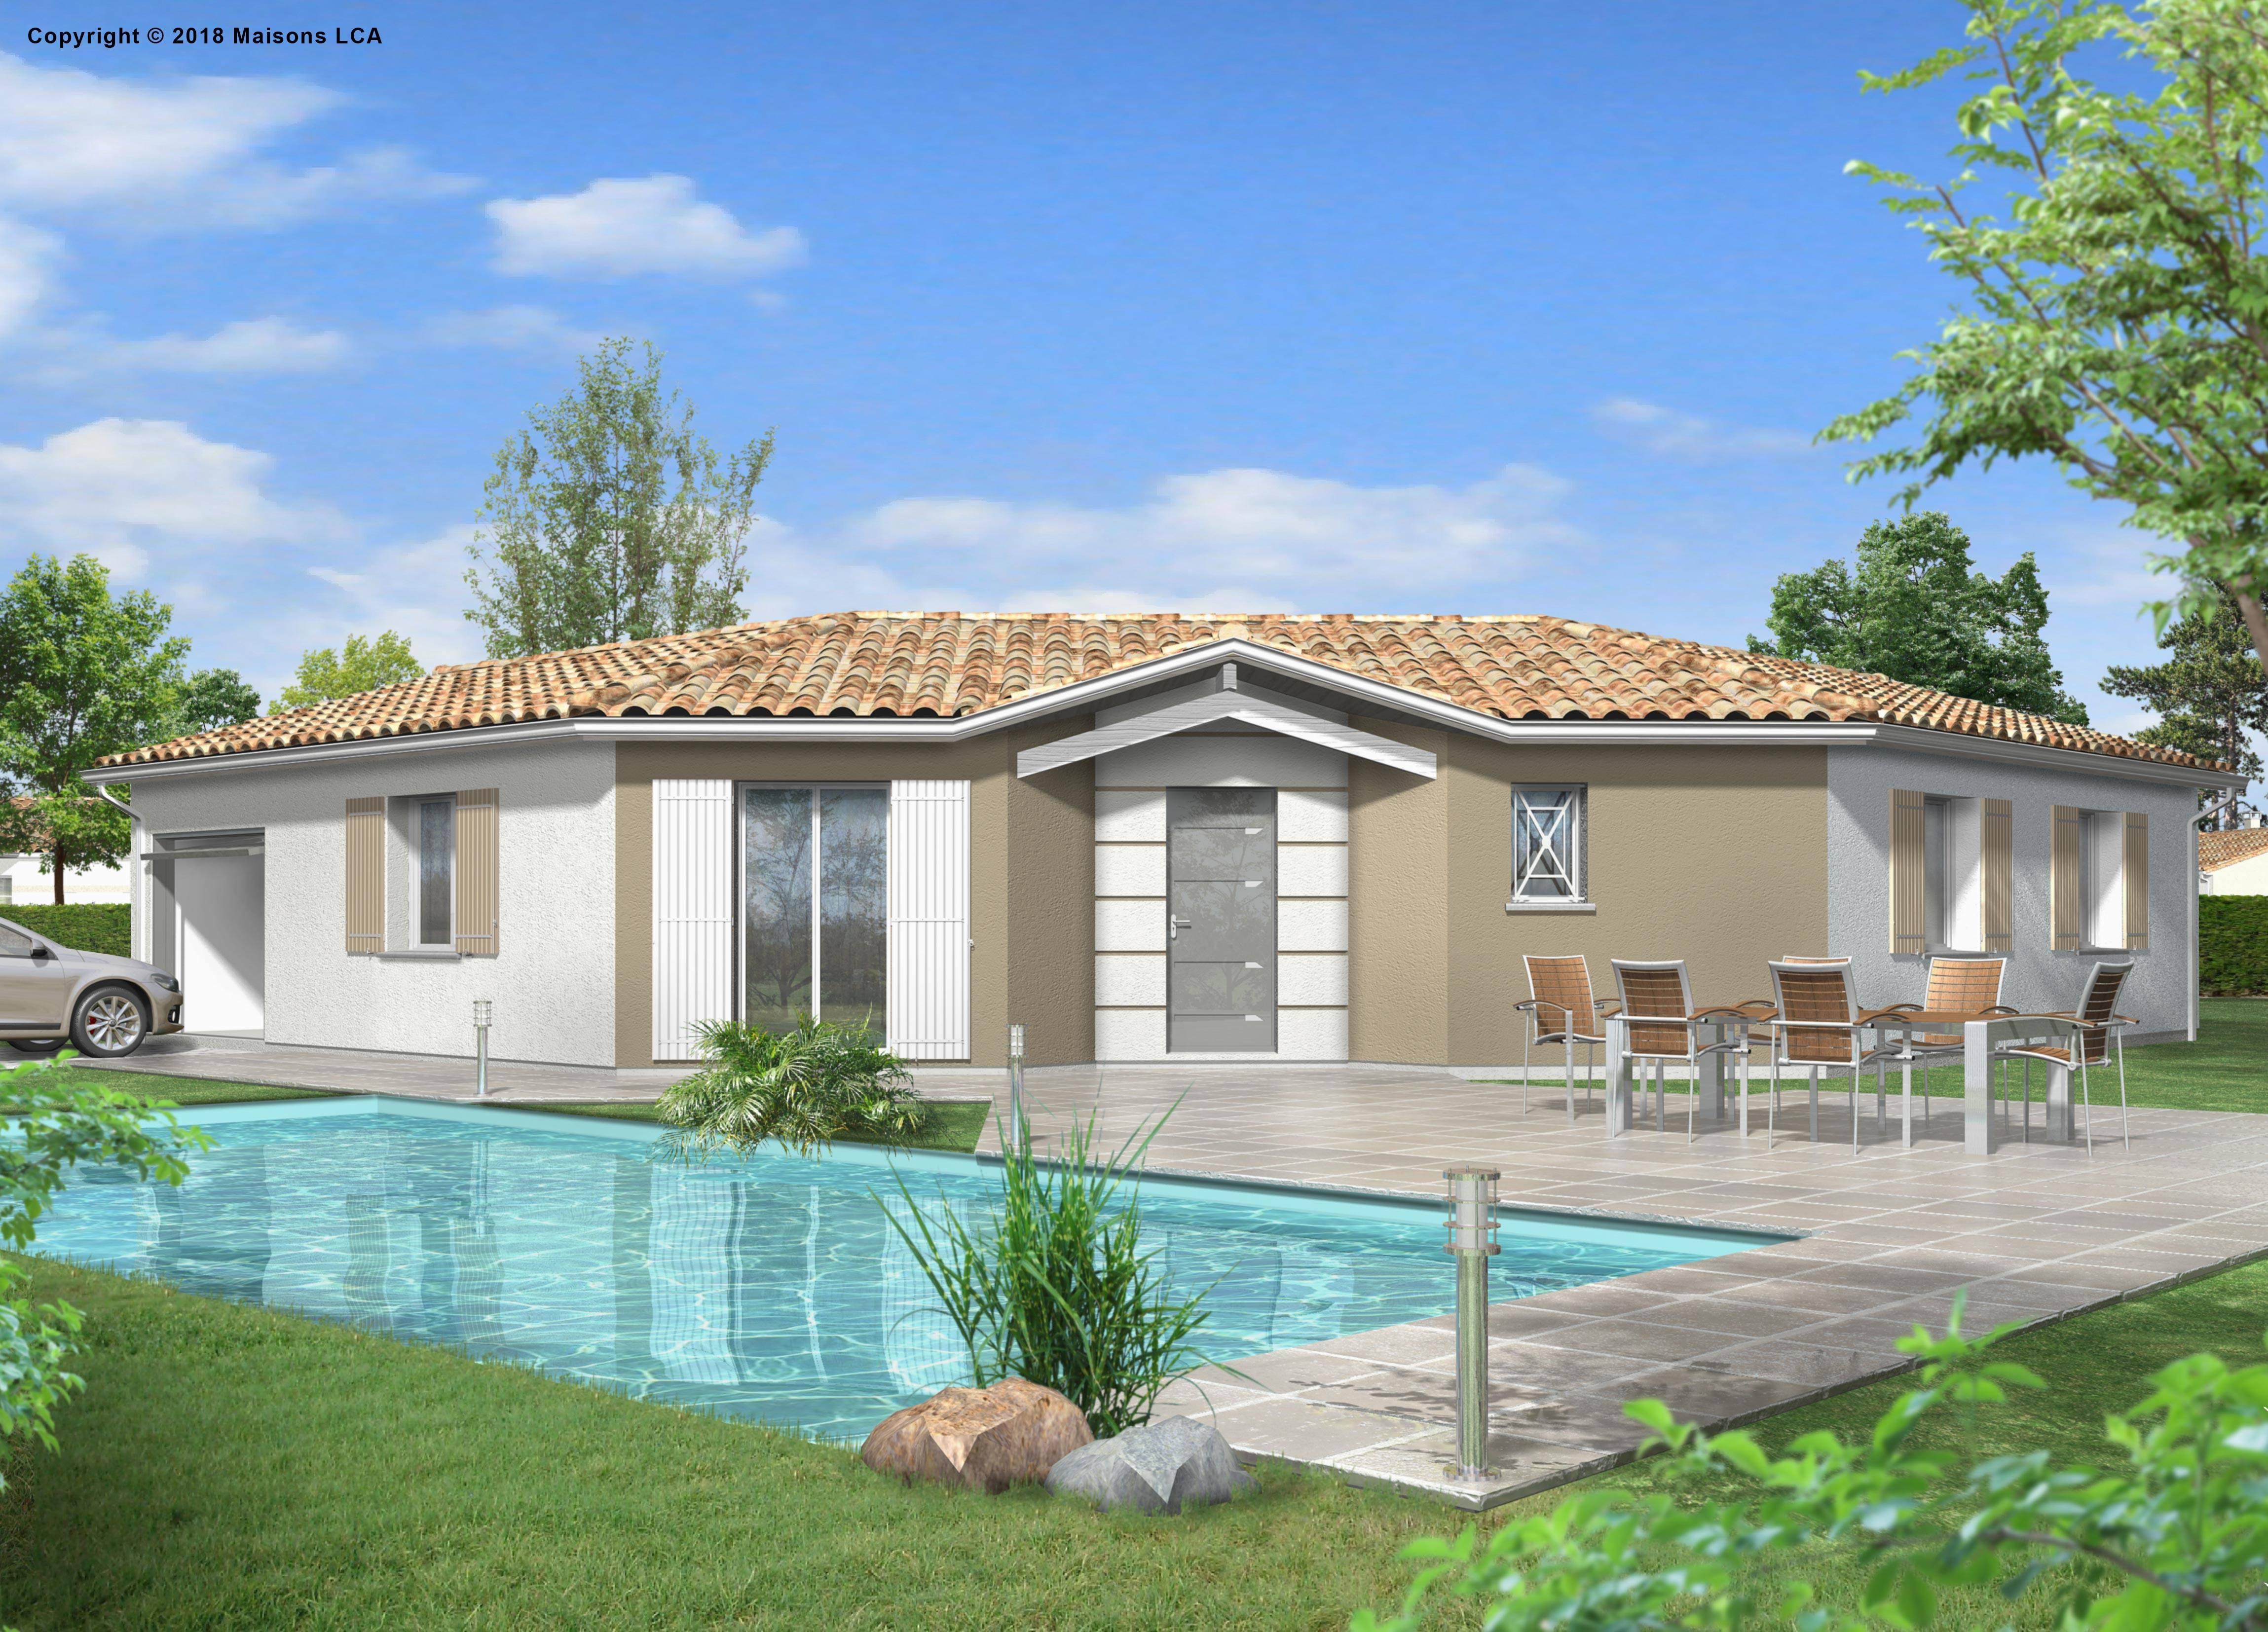 Maisons + Terrains du constructeur LCA CREON • 100 m² • VILLEGOUGE